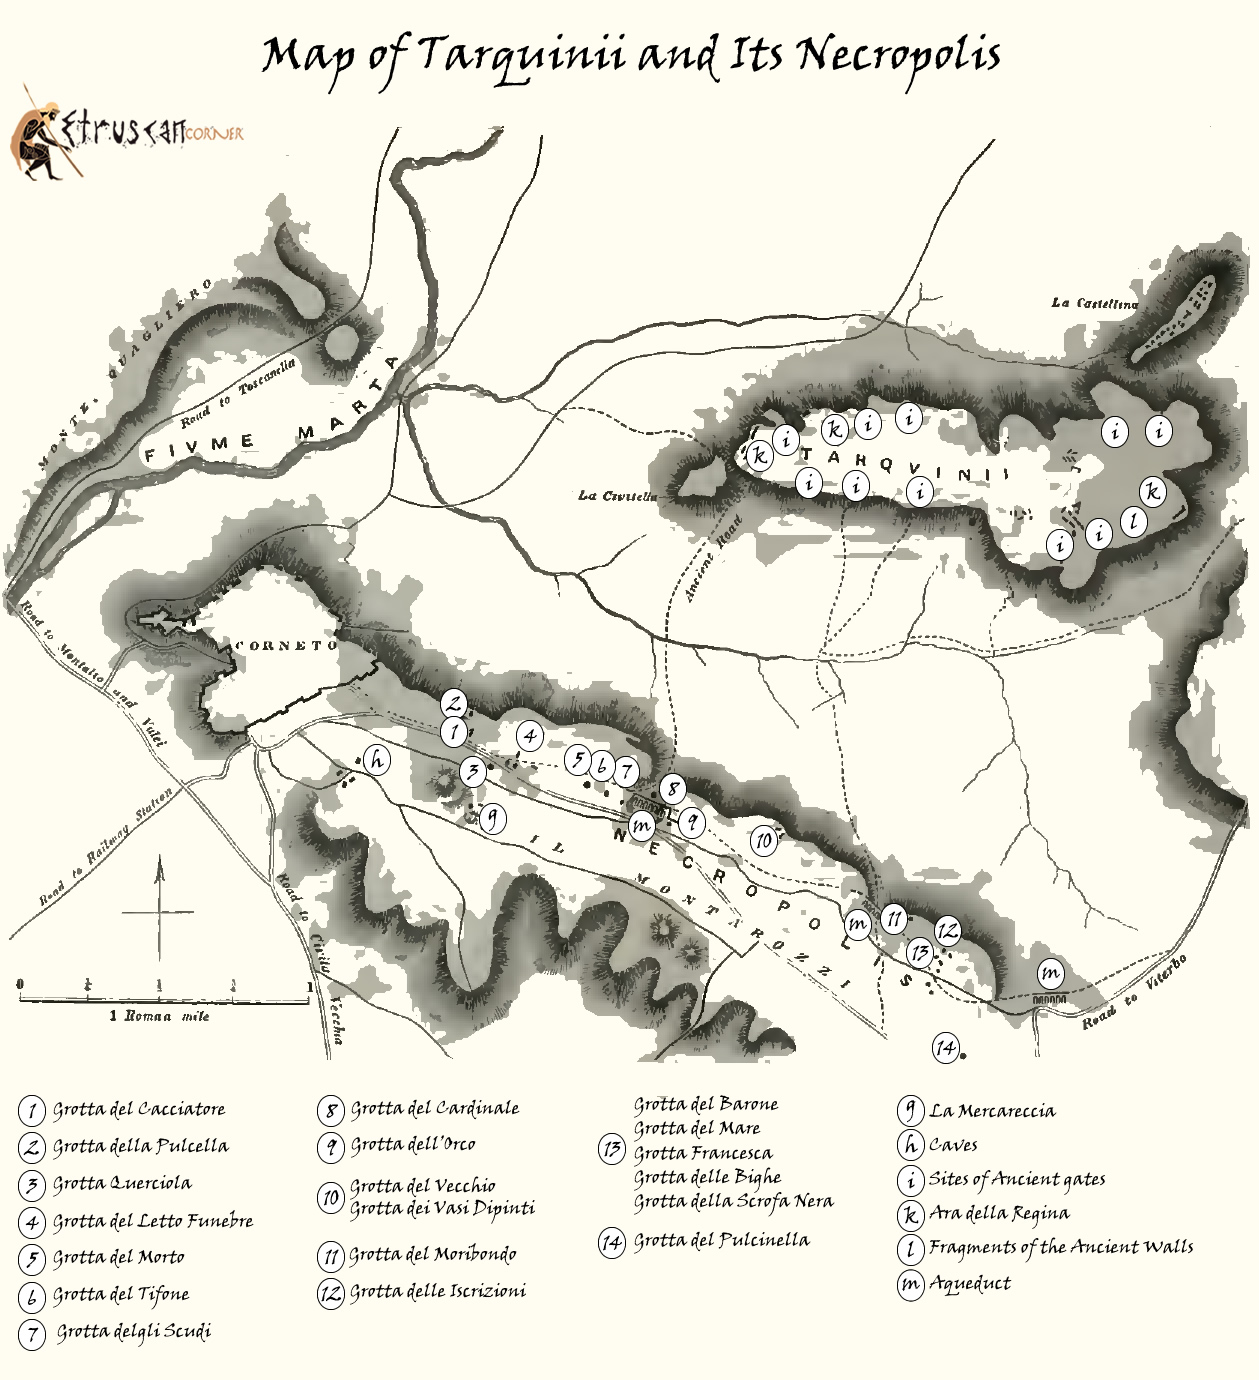 Mappa di Tarquinia e Necropoli